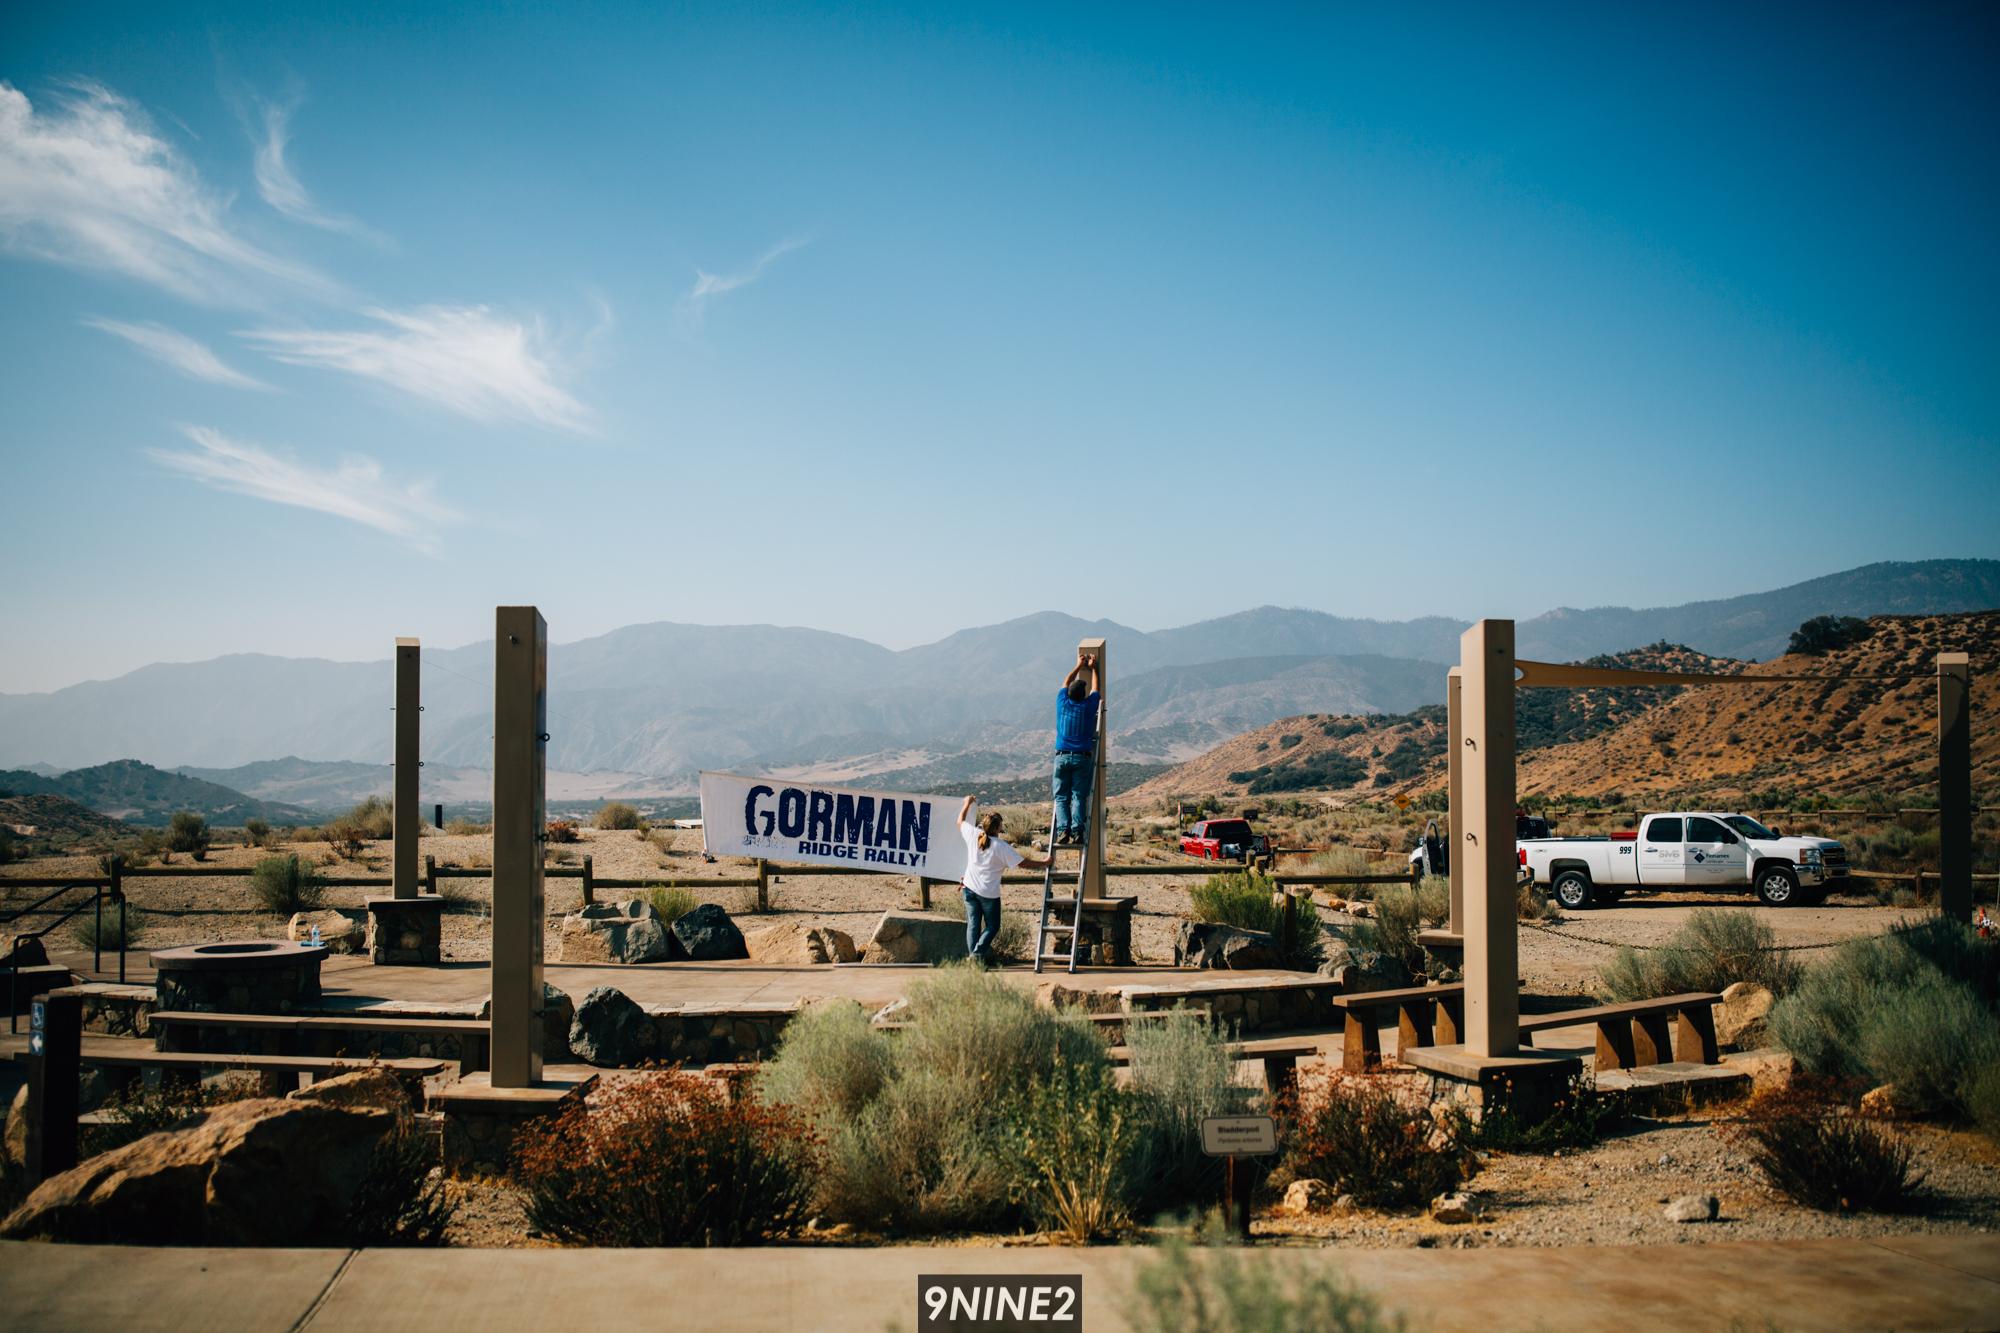 9nine2-Gorman Ridge-6545.jpg